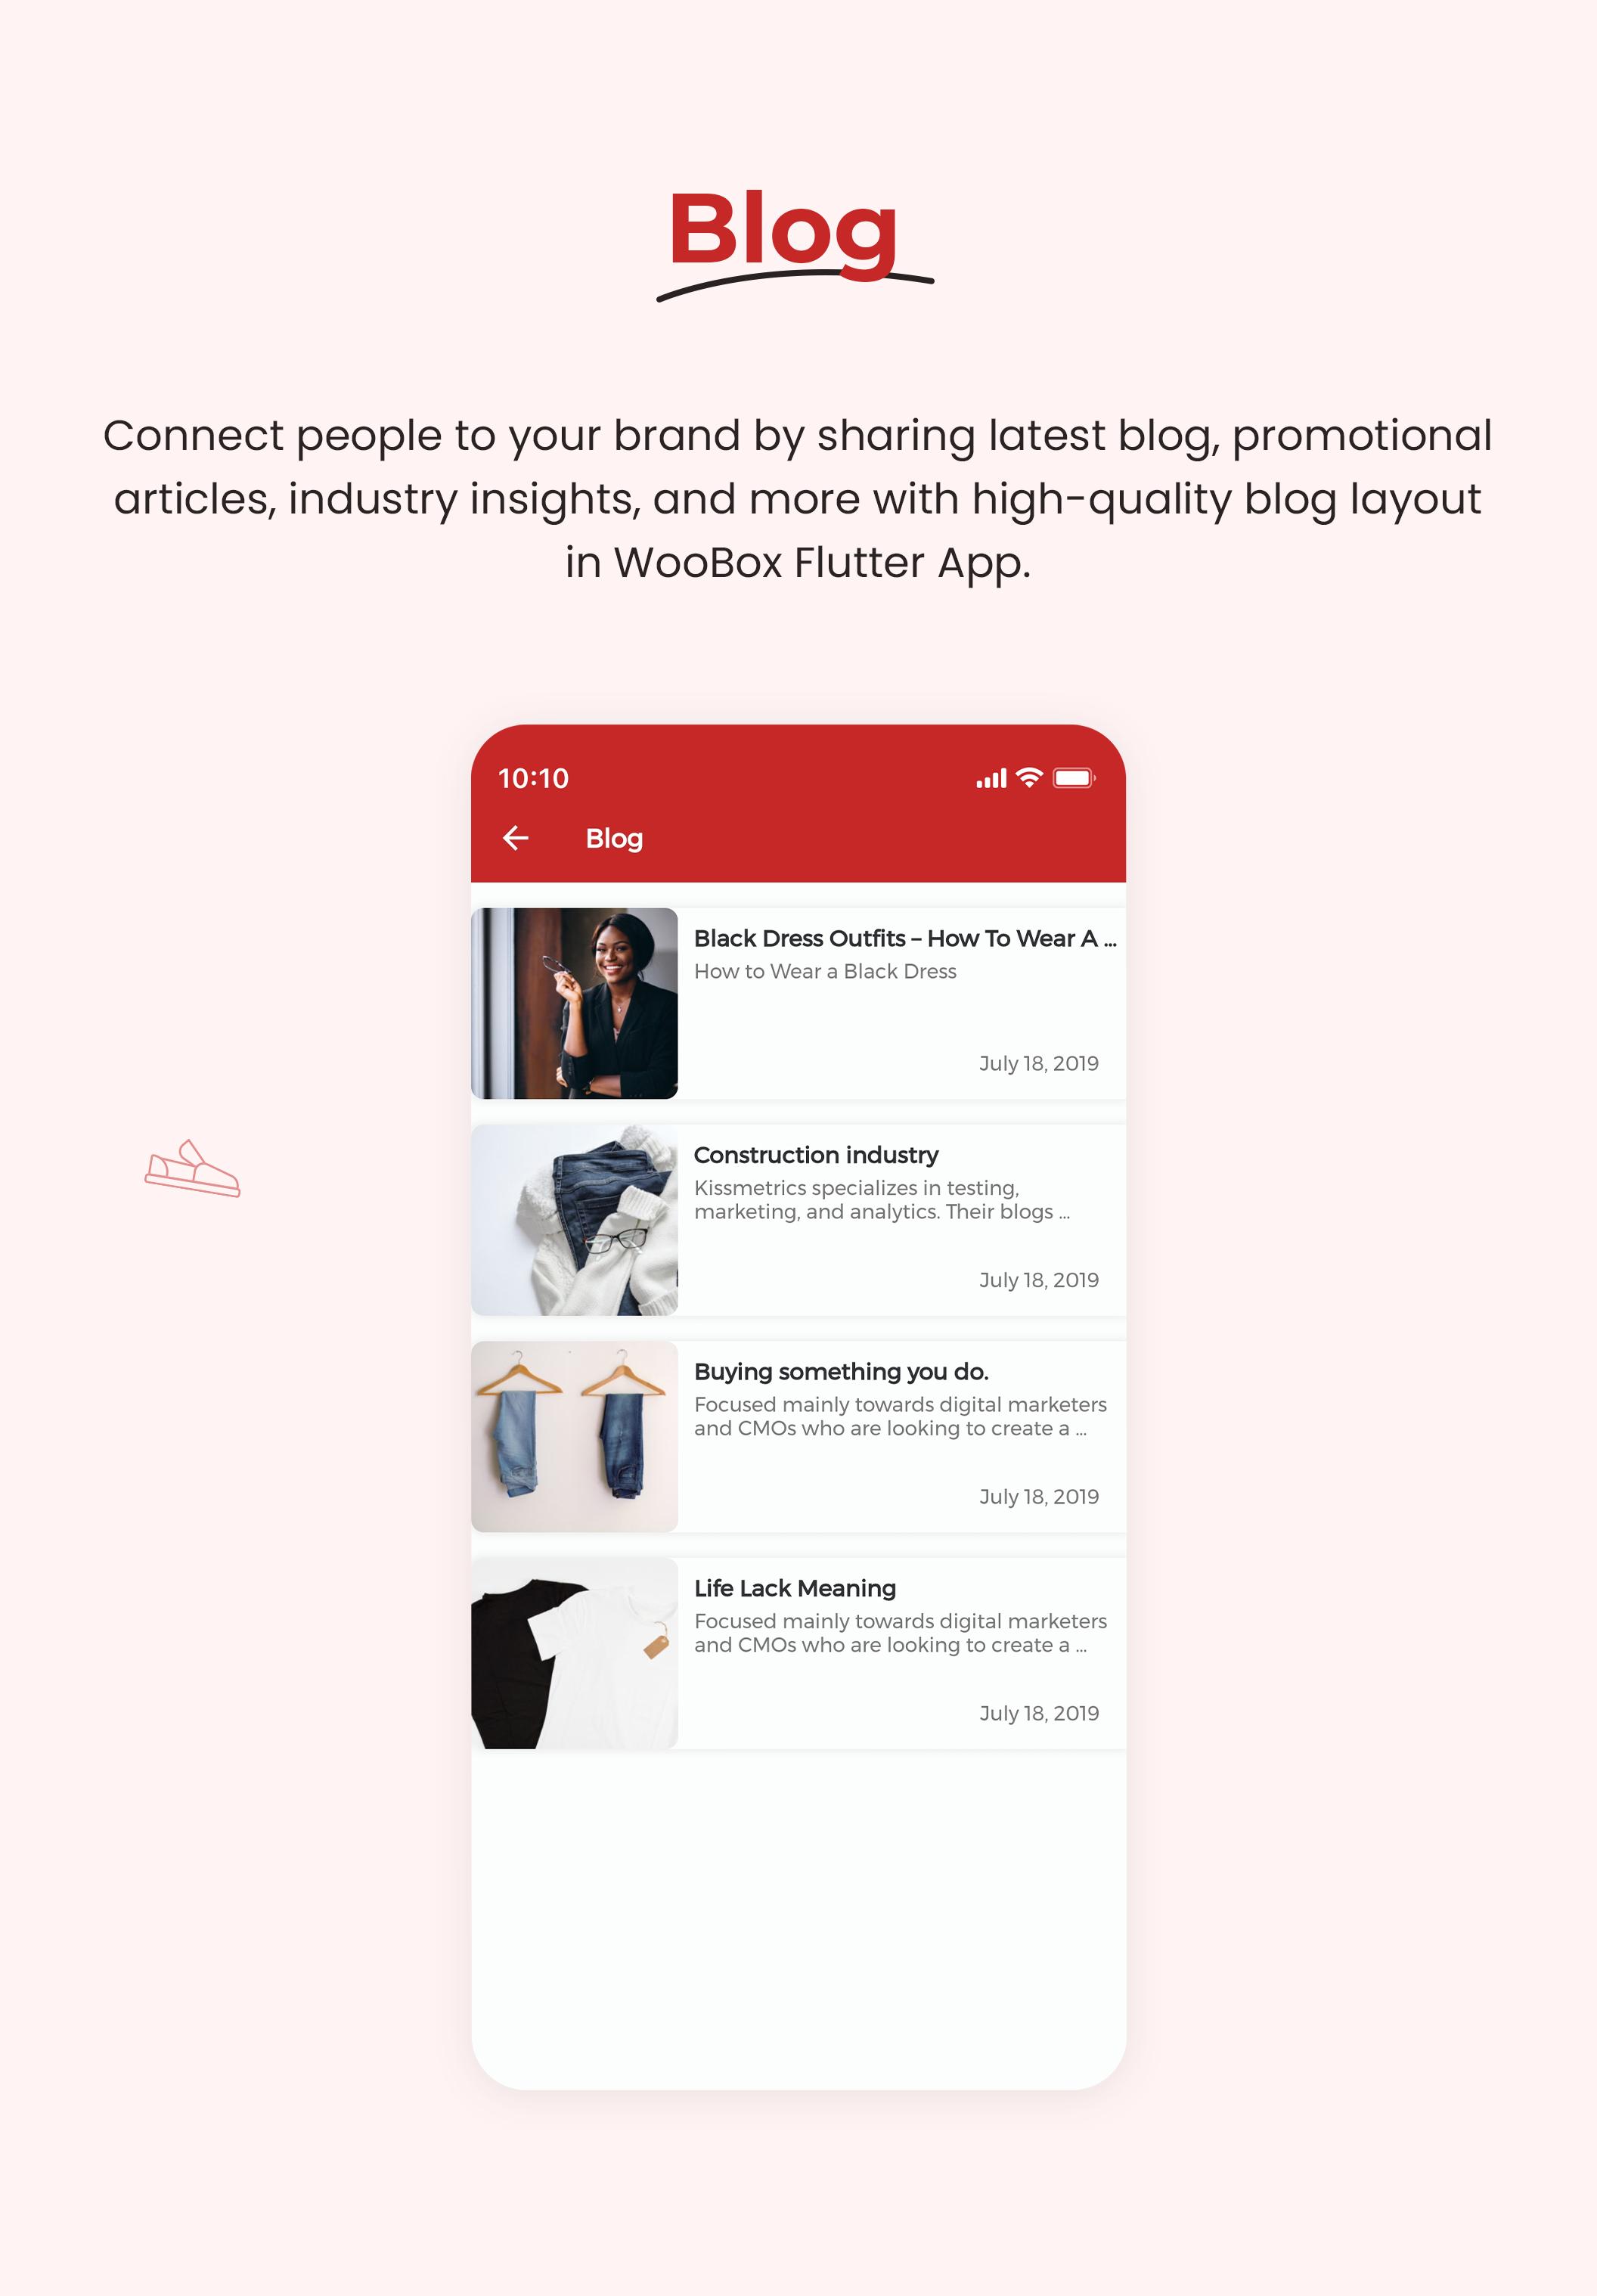 1 woocommerce flutter 2.0 e-commerce full mobile app All New WooBox 2.0 8 Blog